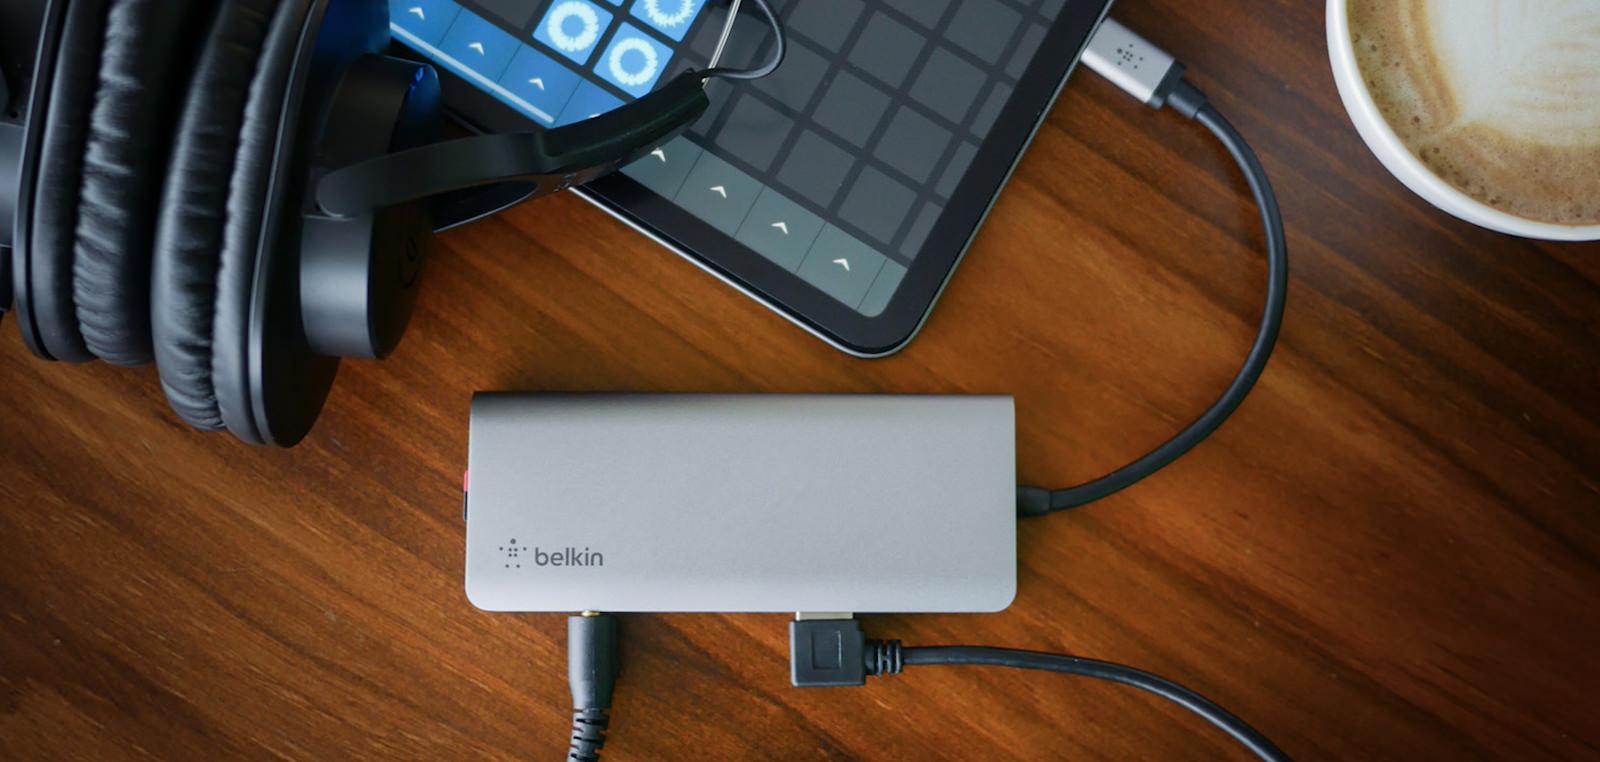 USB-C 7-in-1マルチポートハブアダプター